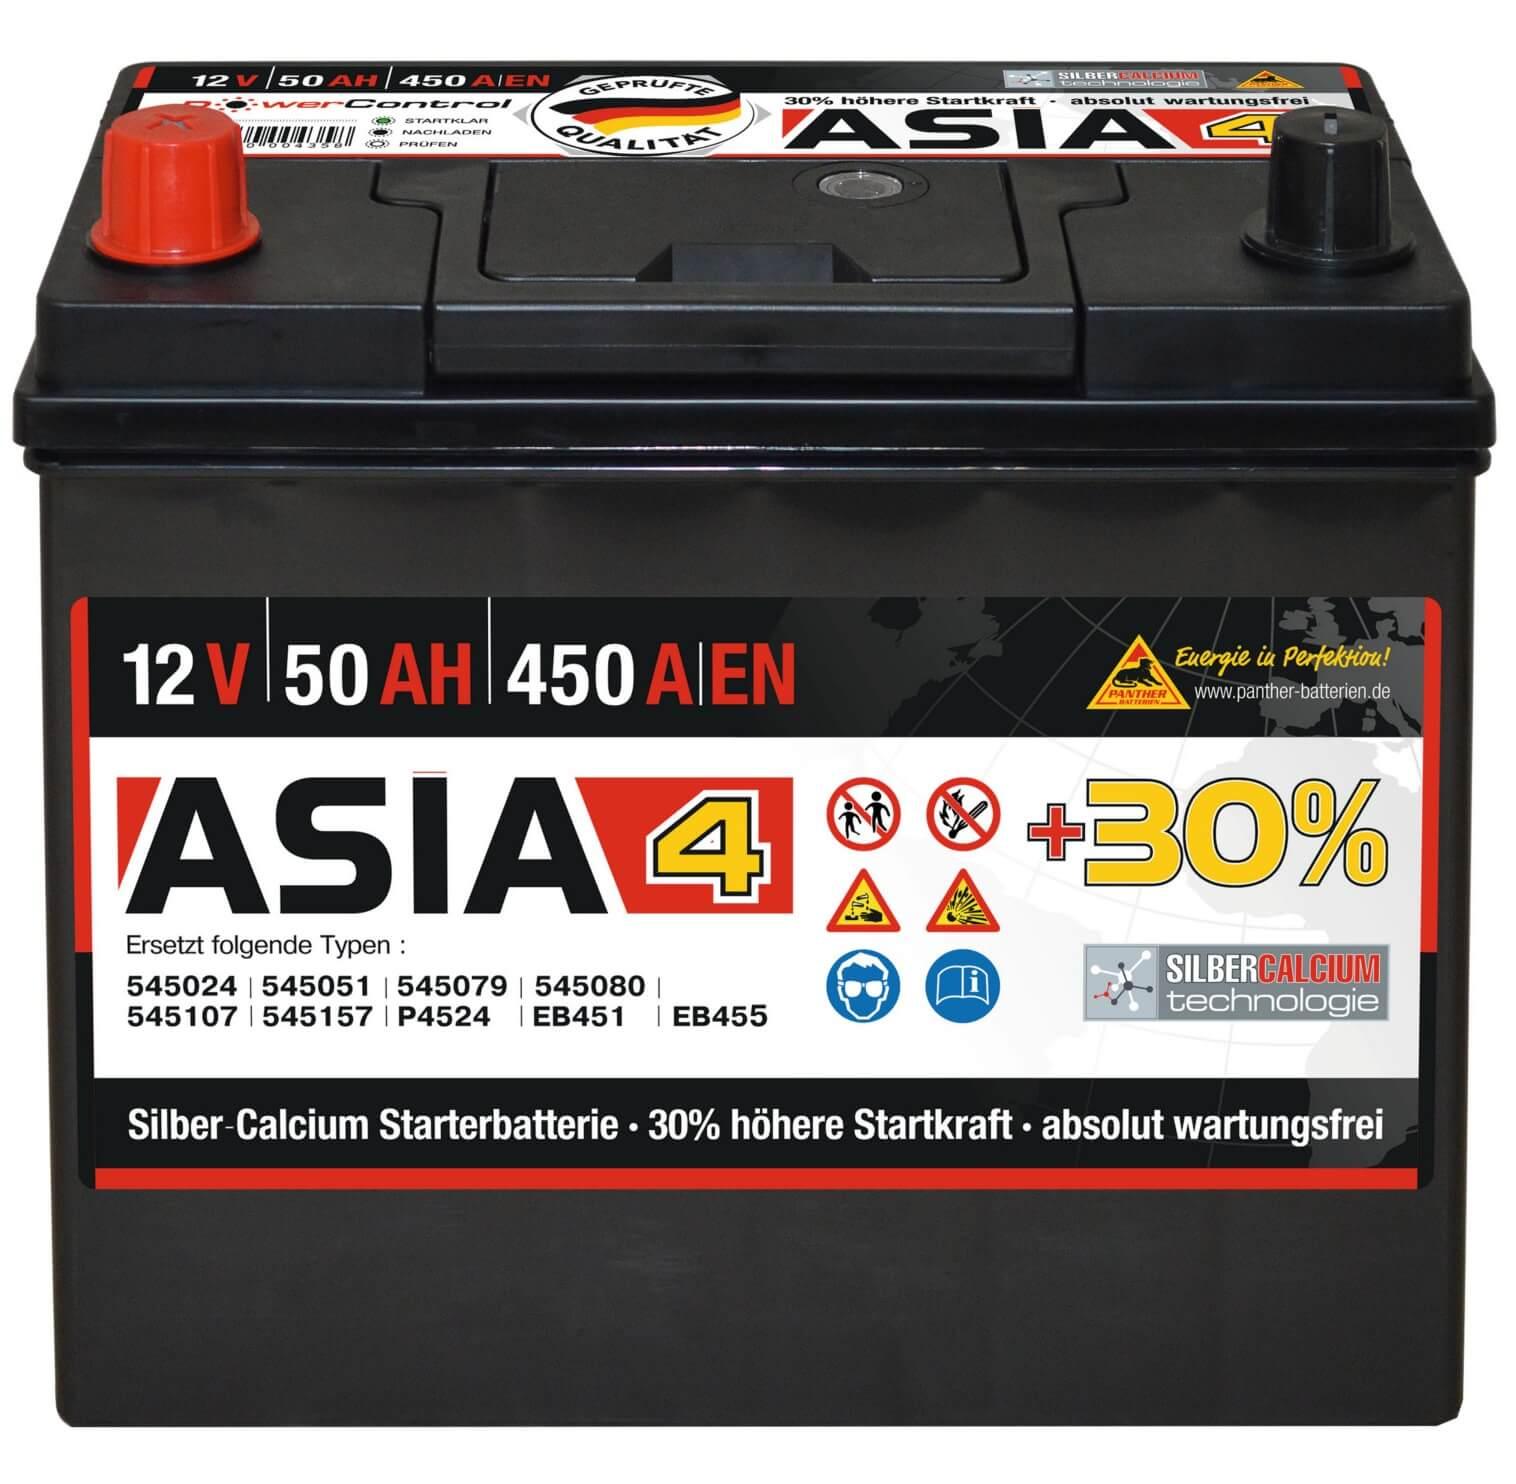 panther asia autobatterie 12v 50ah. Black Bedroom Furniture Sets. Home Design Ideas